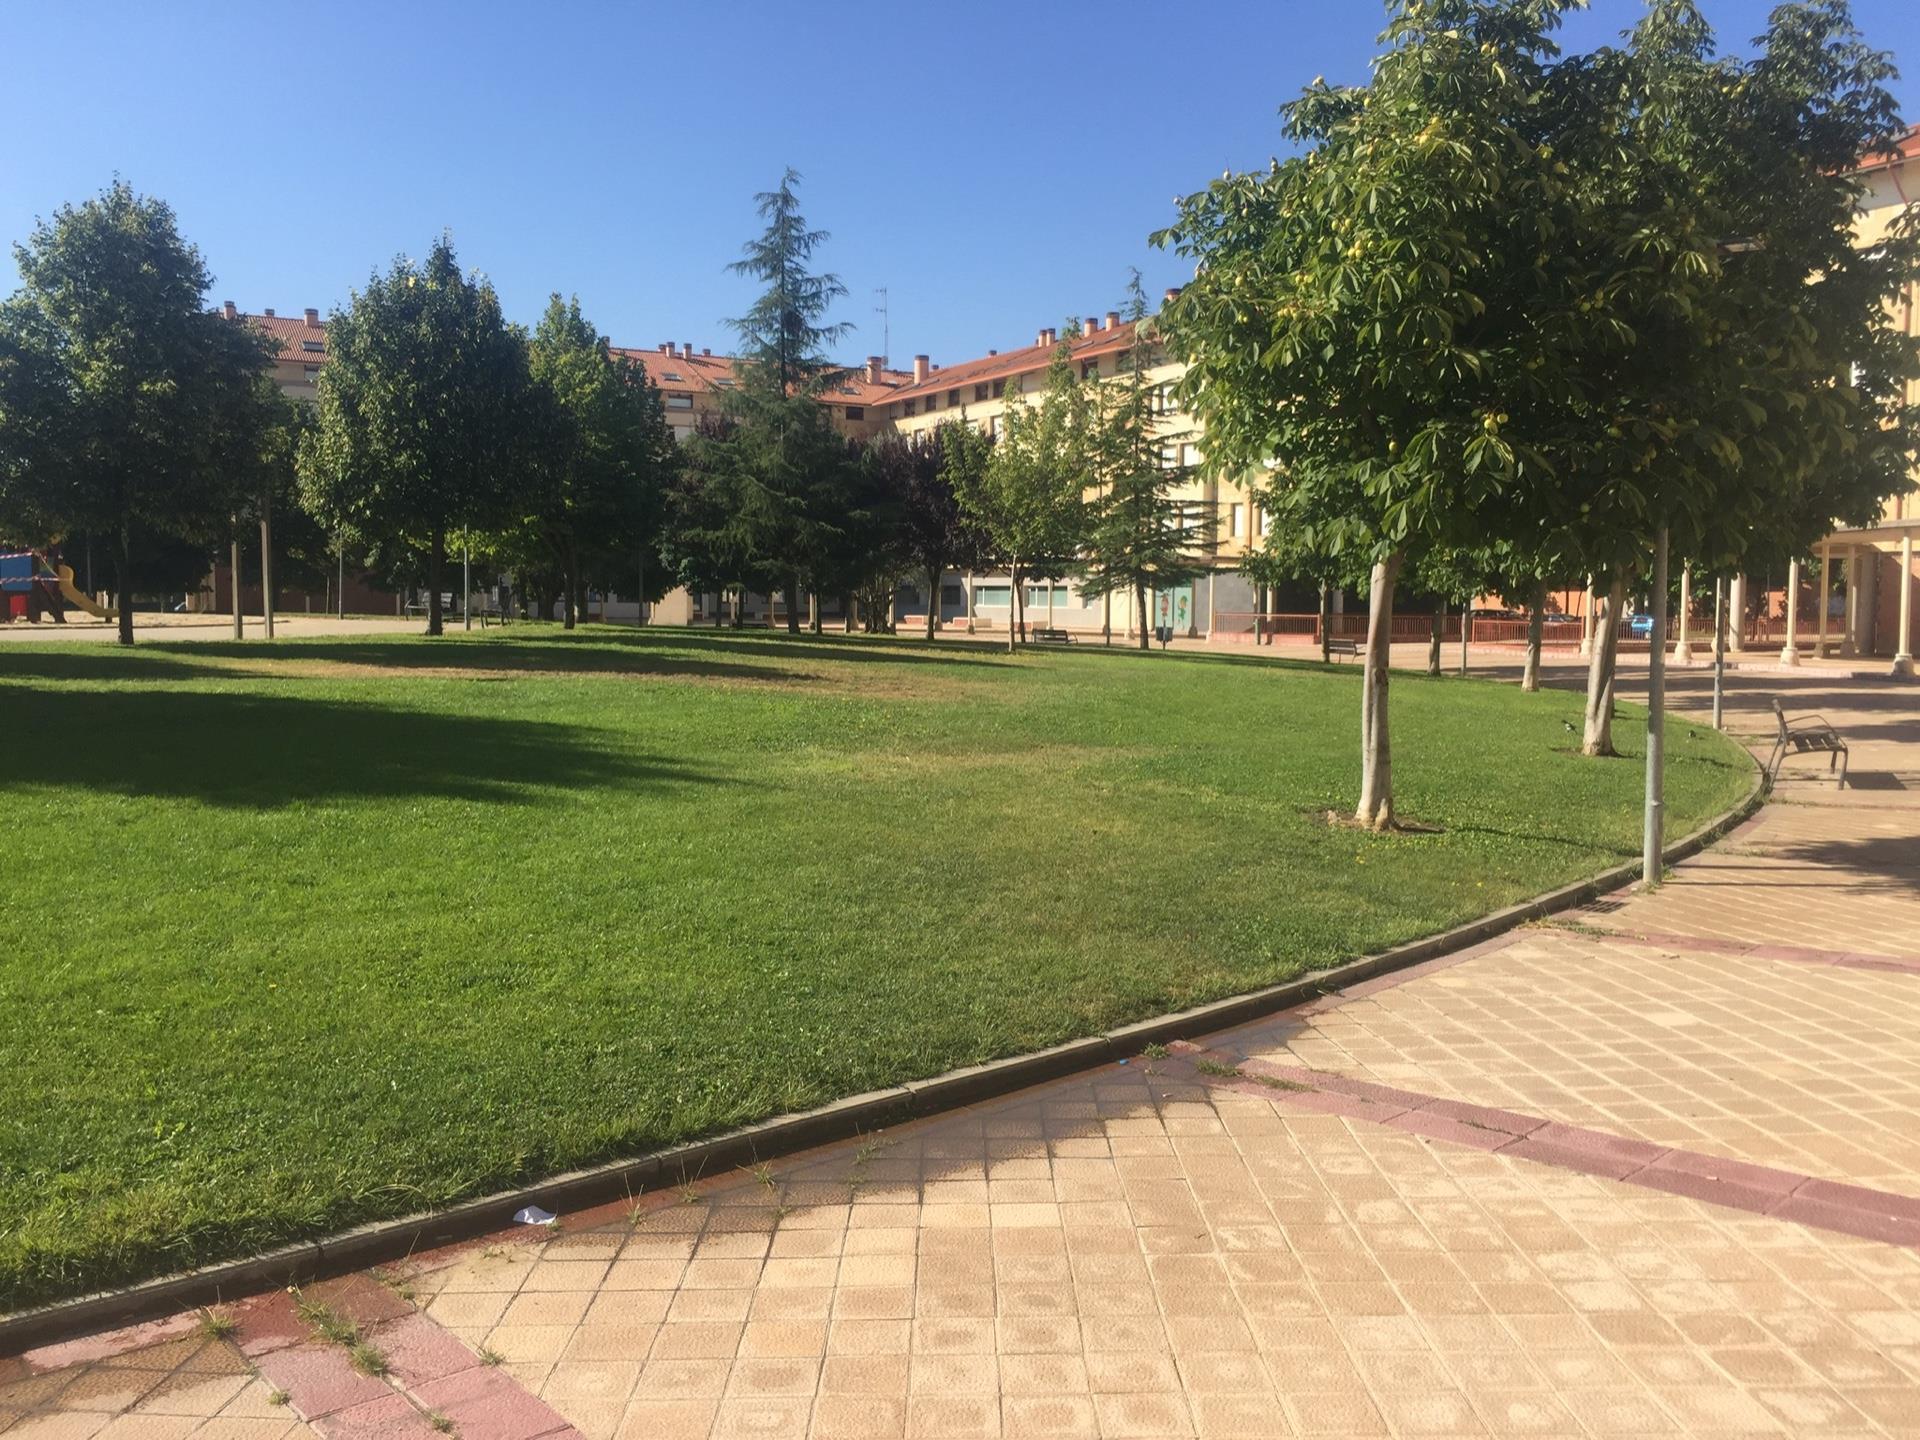 Dúplex de alquiler en Calle Alonso de Ojeda La Vega (Arroyo de la Encomienda, Valladolid)